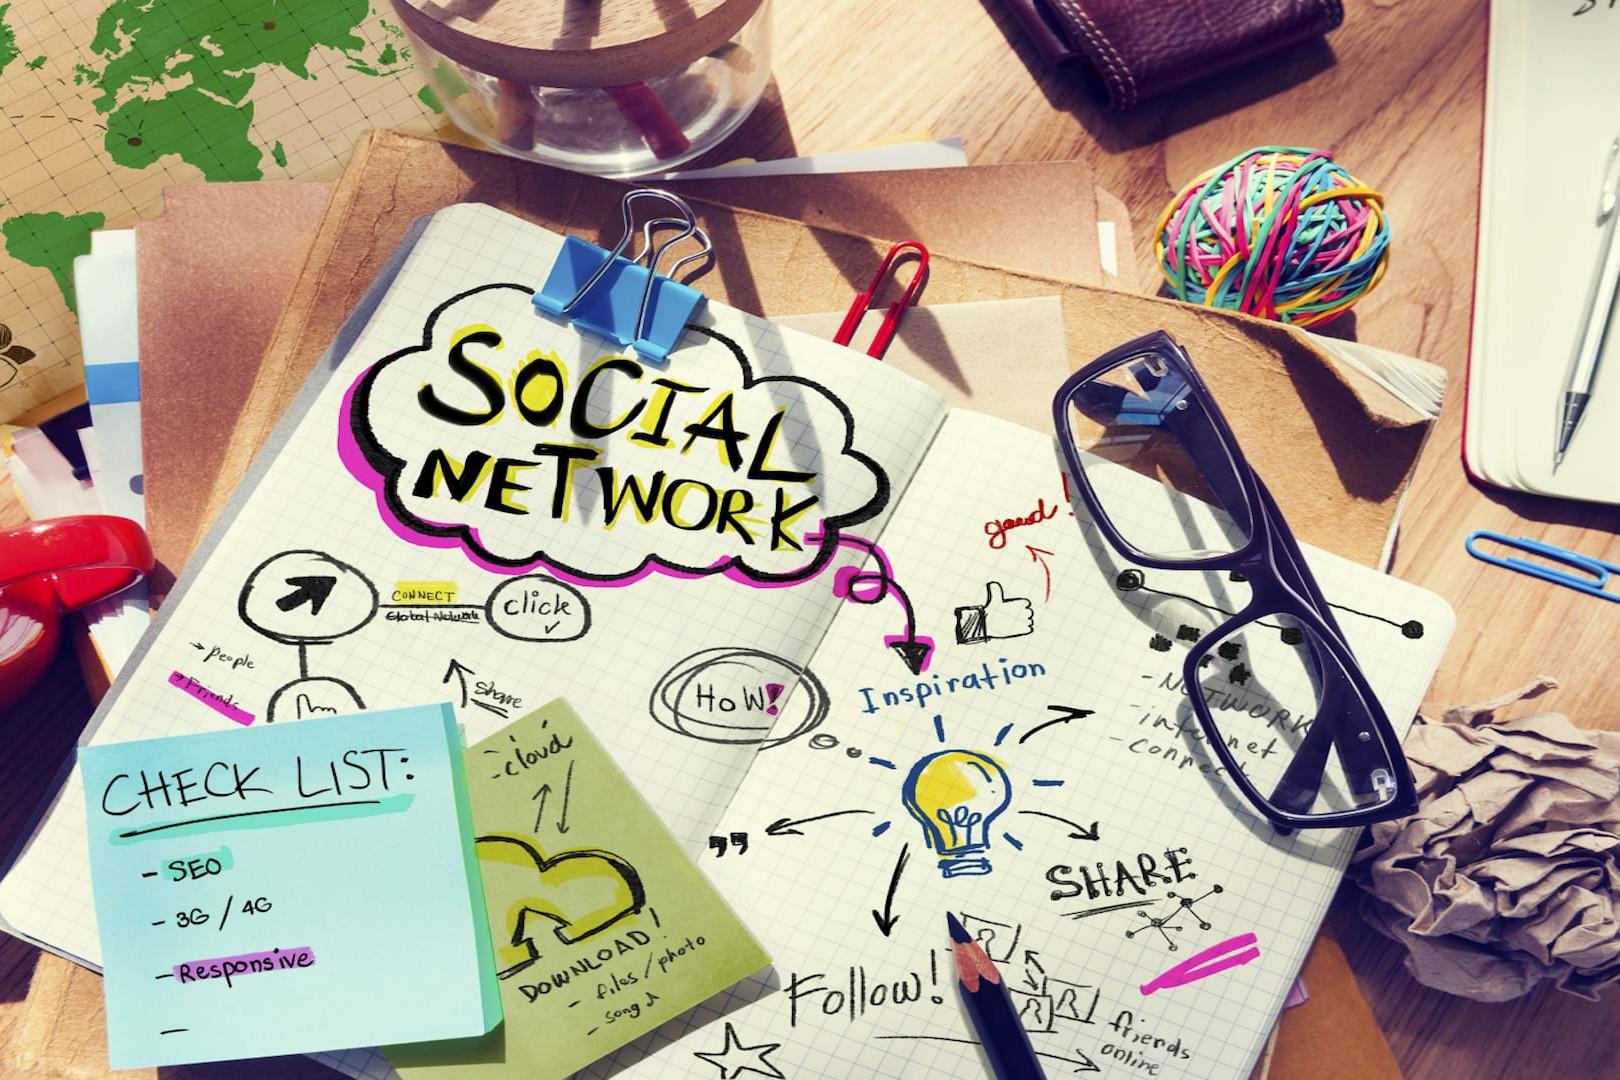 Considerations for choosing a social media tool